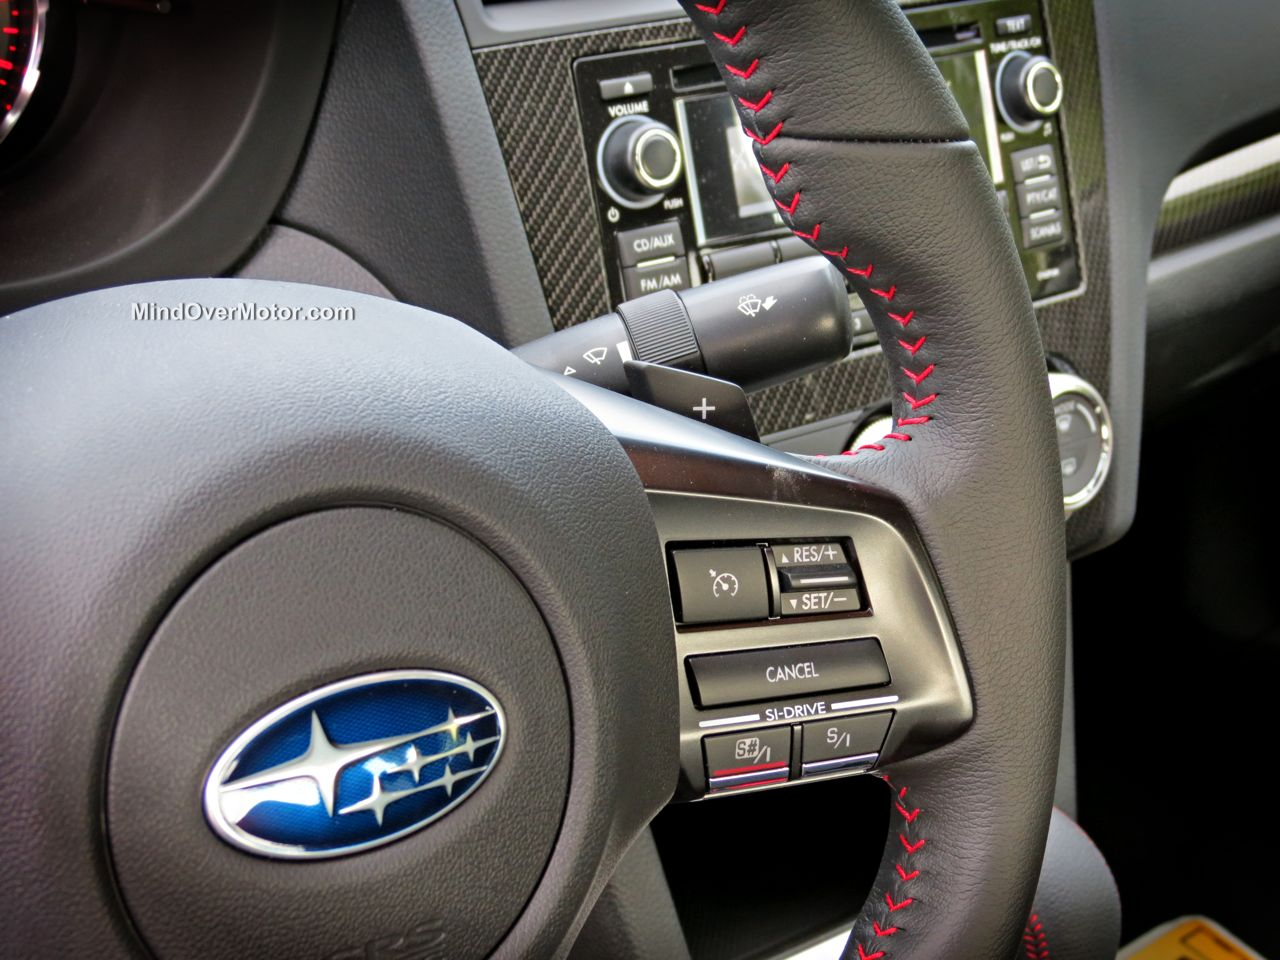 2015 Subaru WRX Paddle Shifters